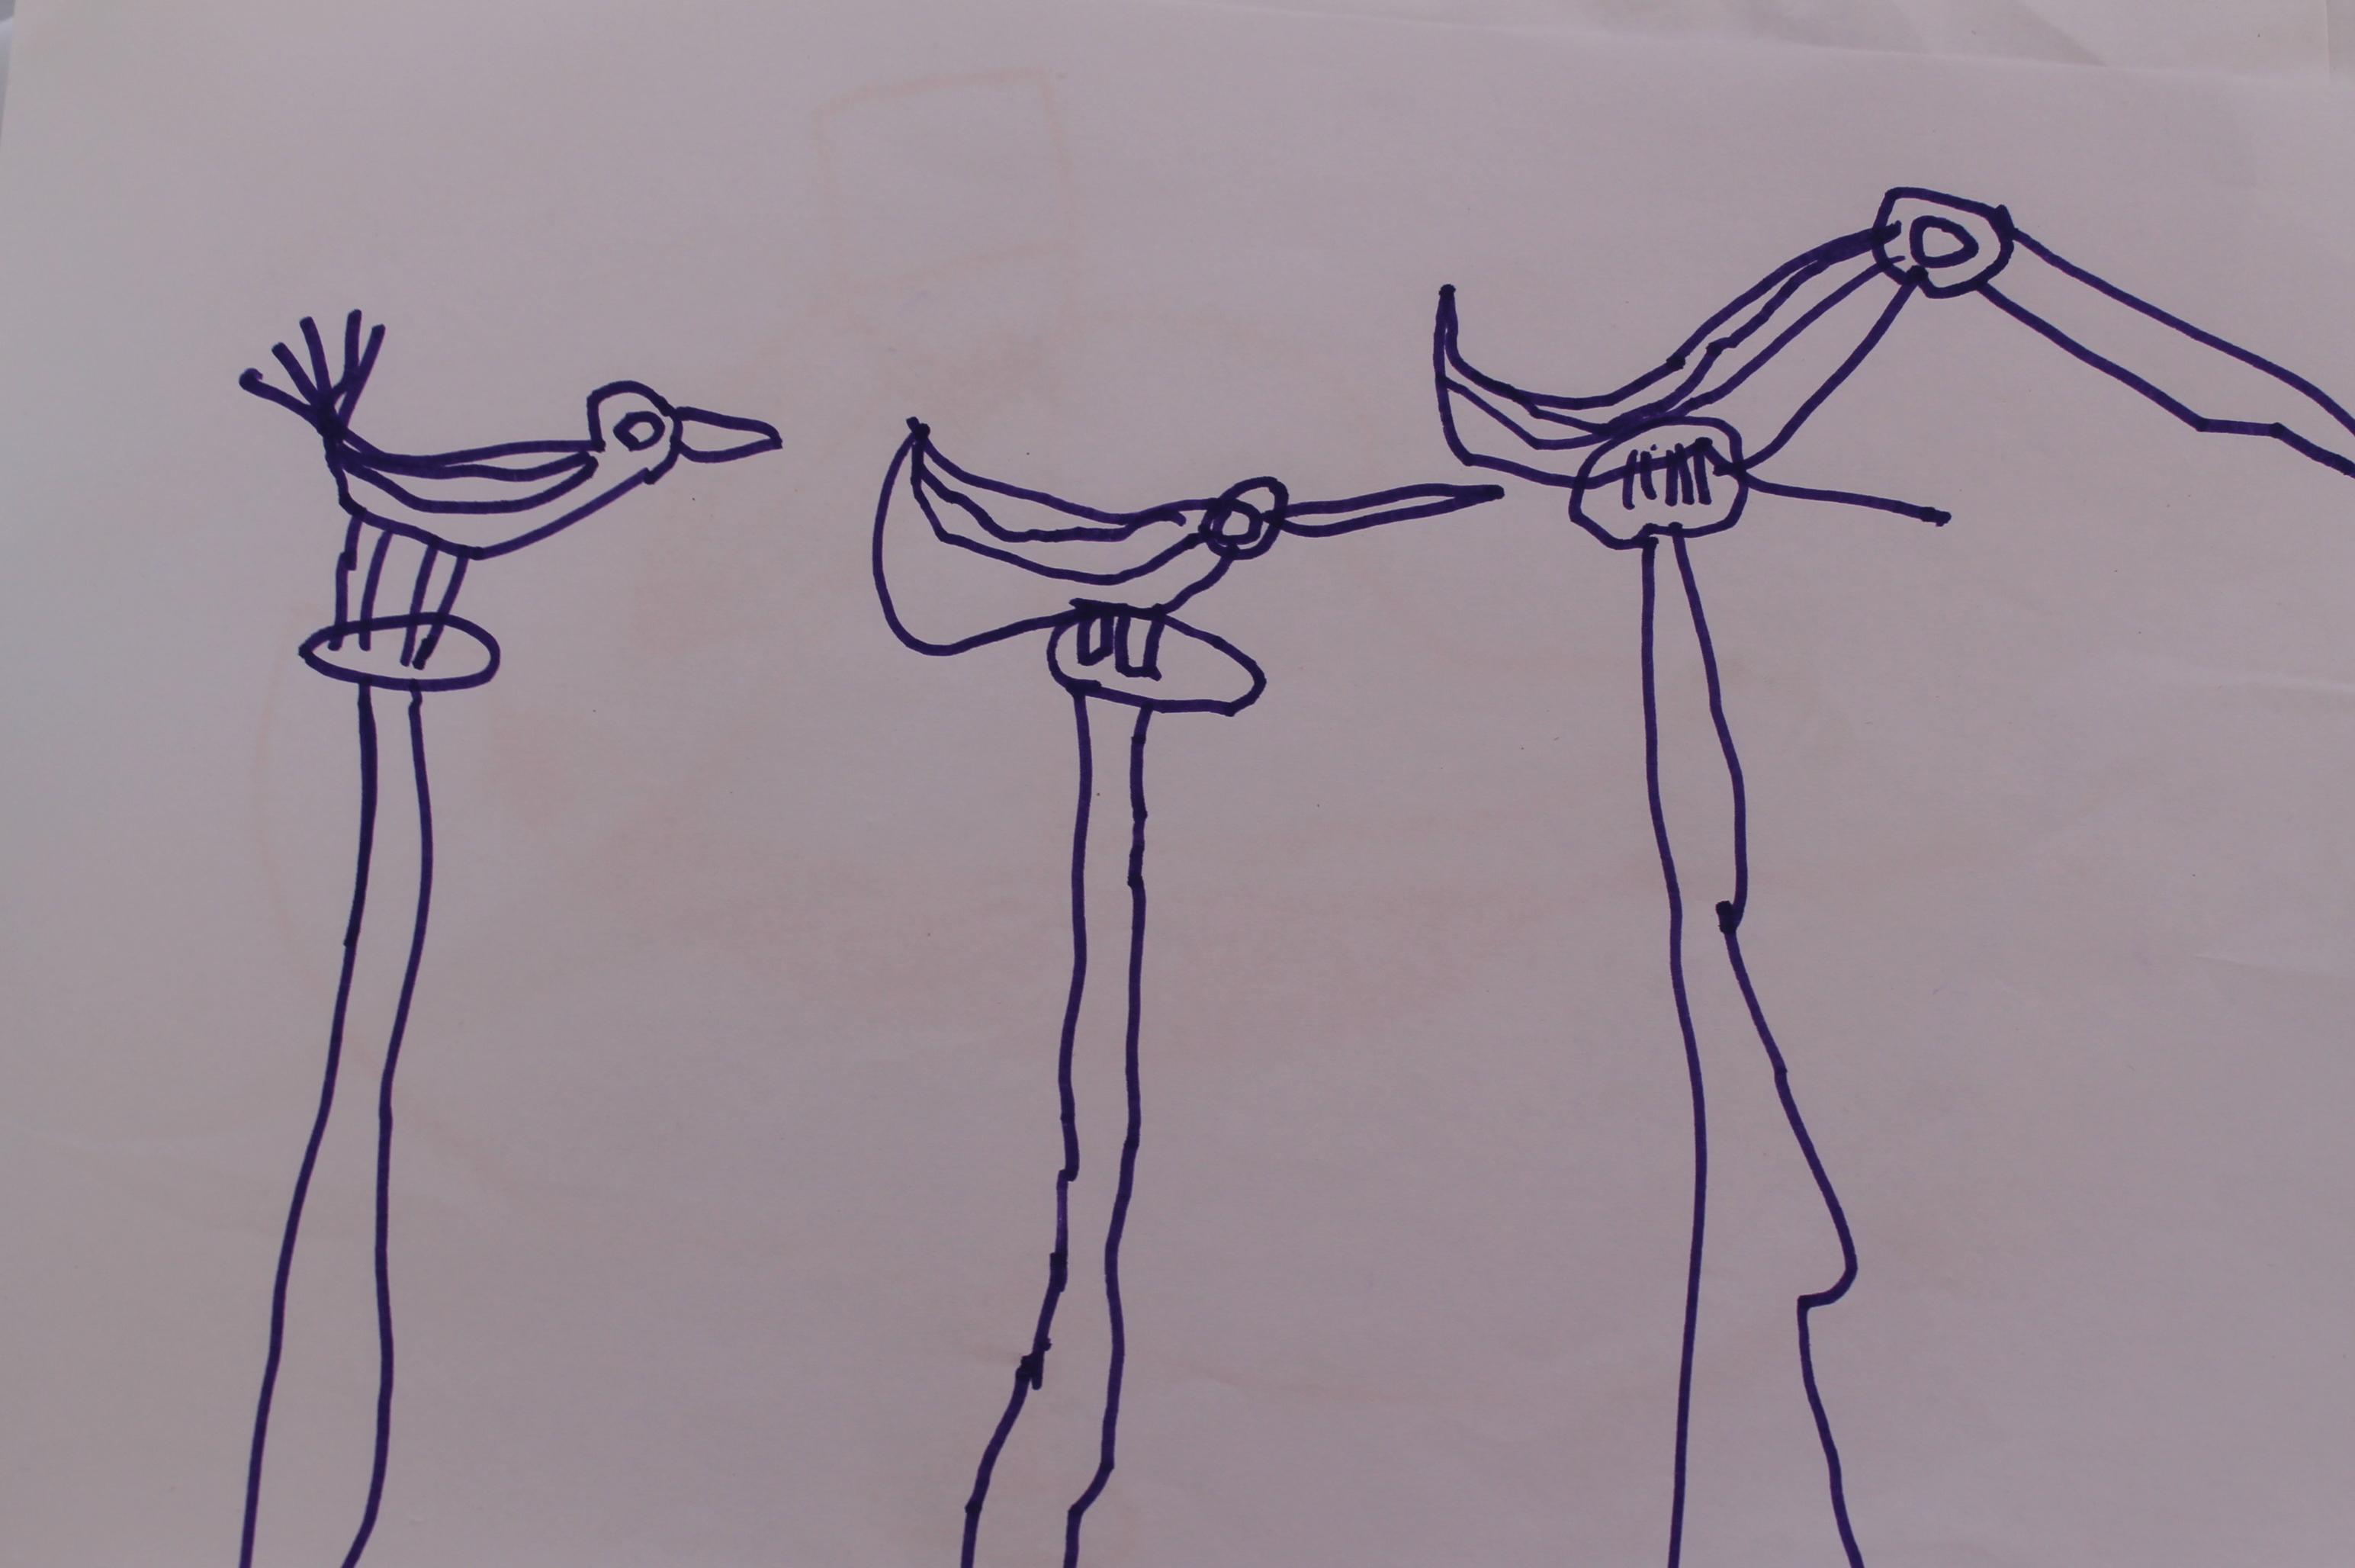 pelicanT